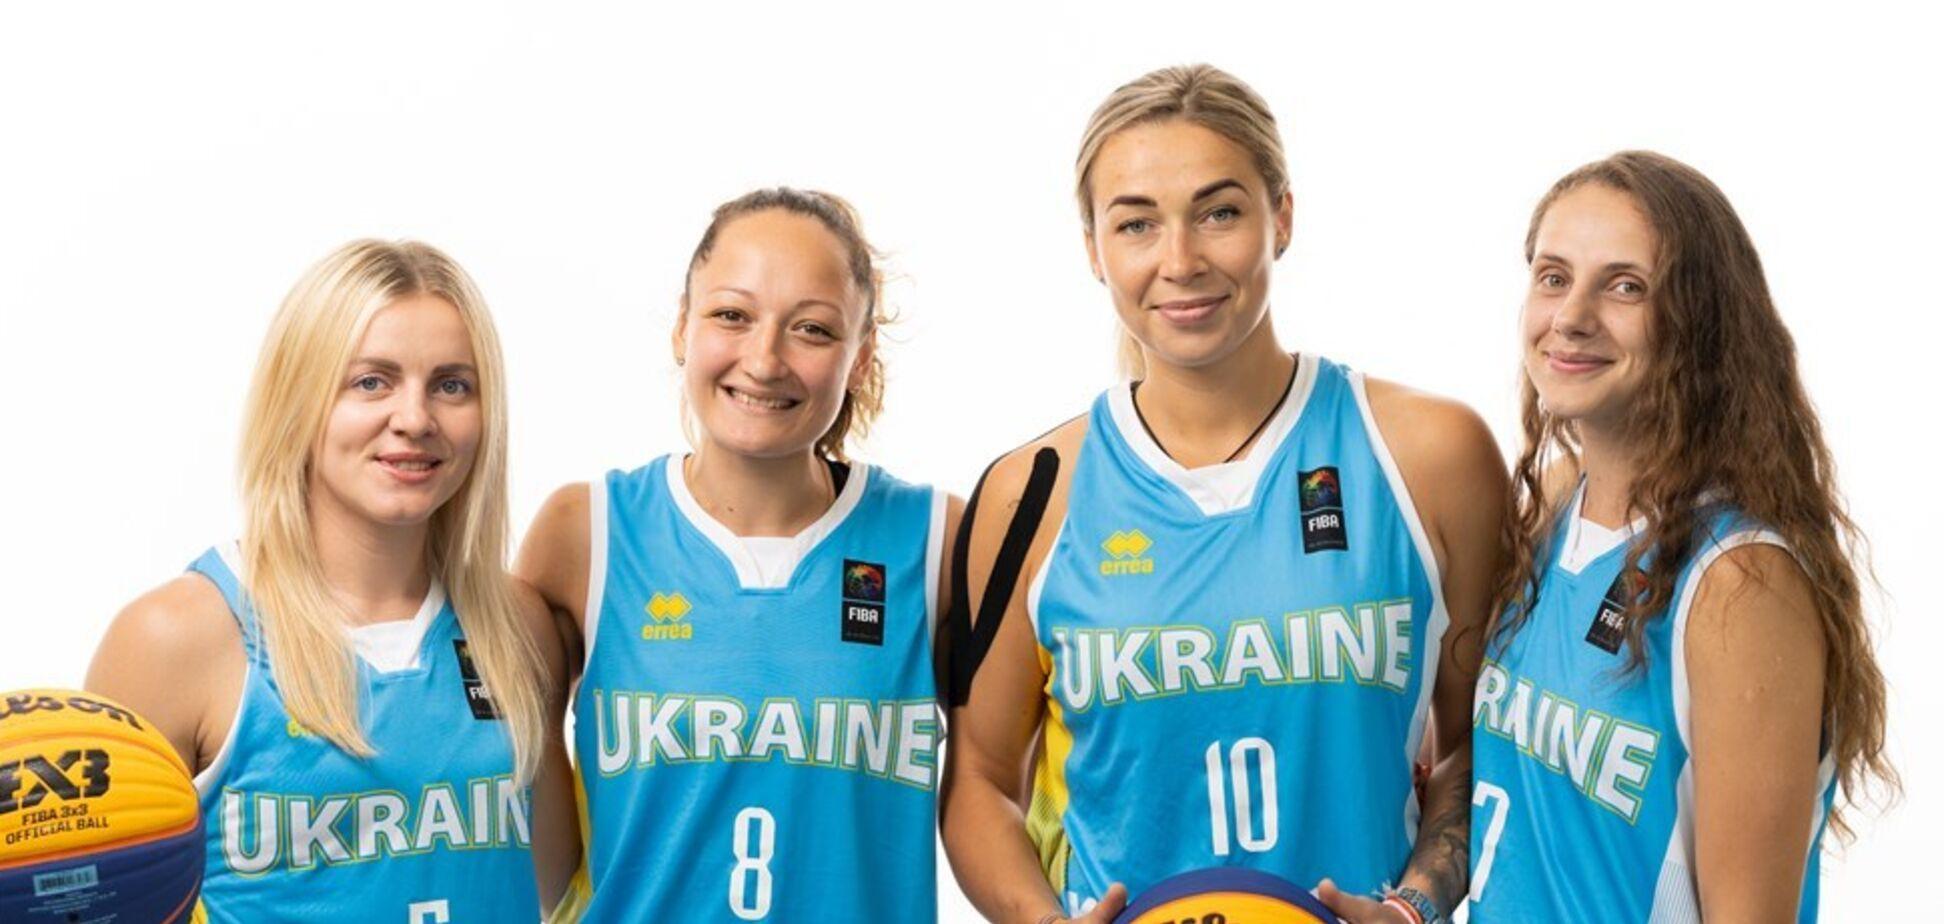 Українка очолила список найкращих бомбардирів ЧС із баскетболу 3х3